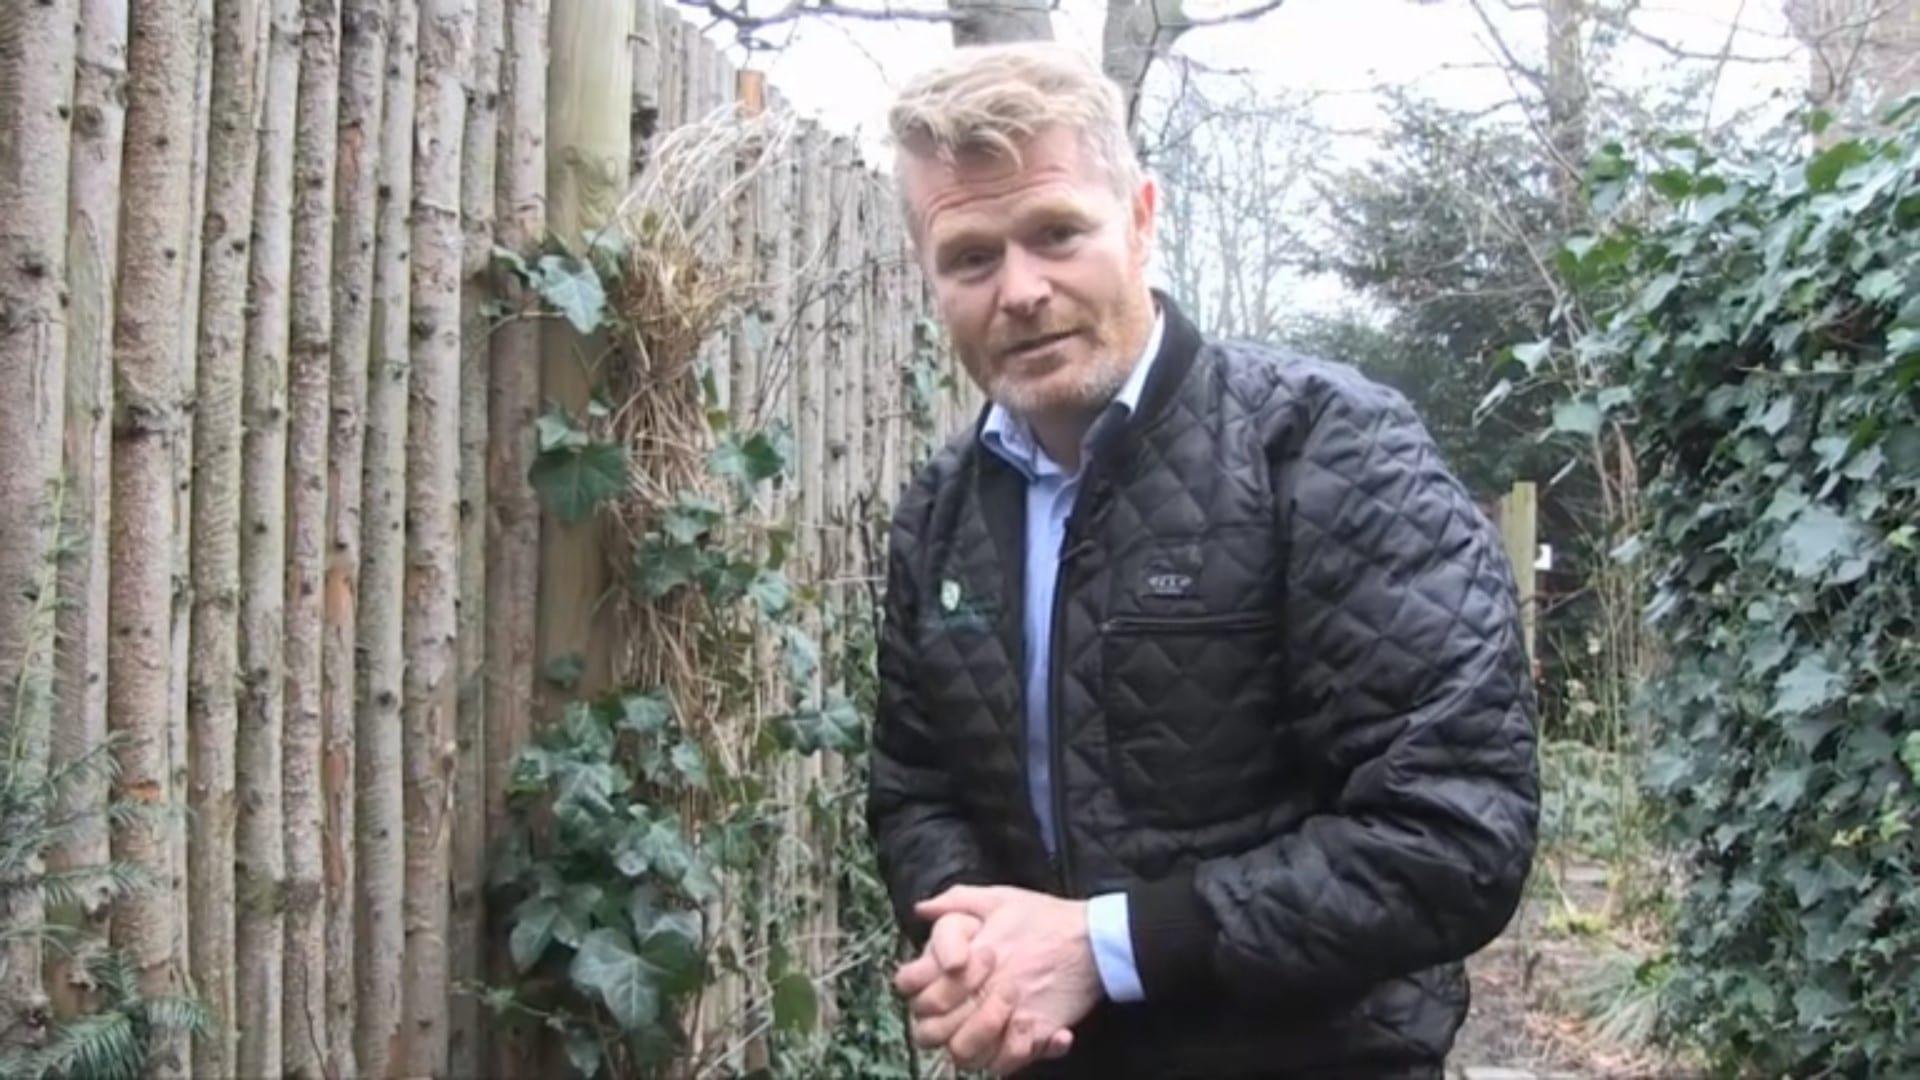 Kim Tang Barrodsplanter Hæk Stedsegrønne Danske Anlægsgartnere 2